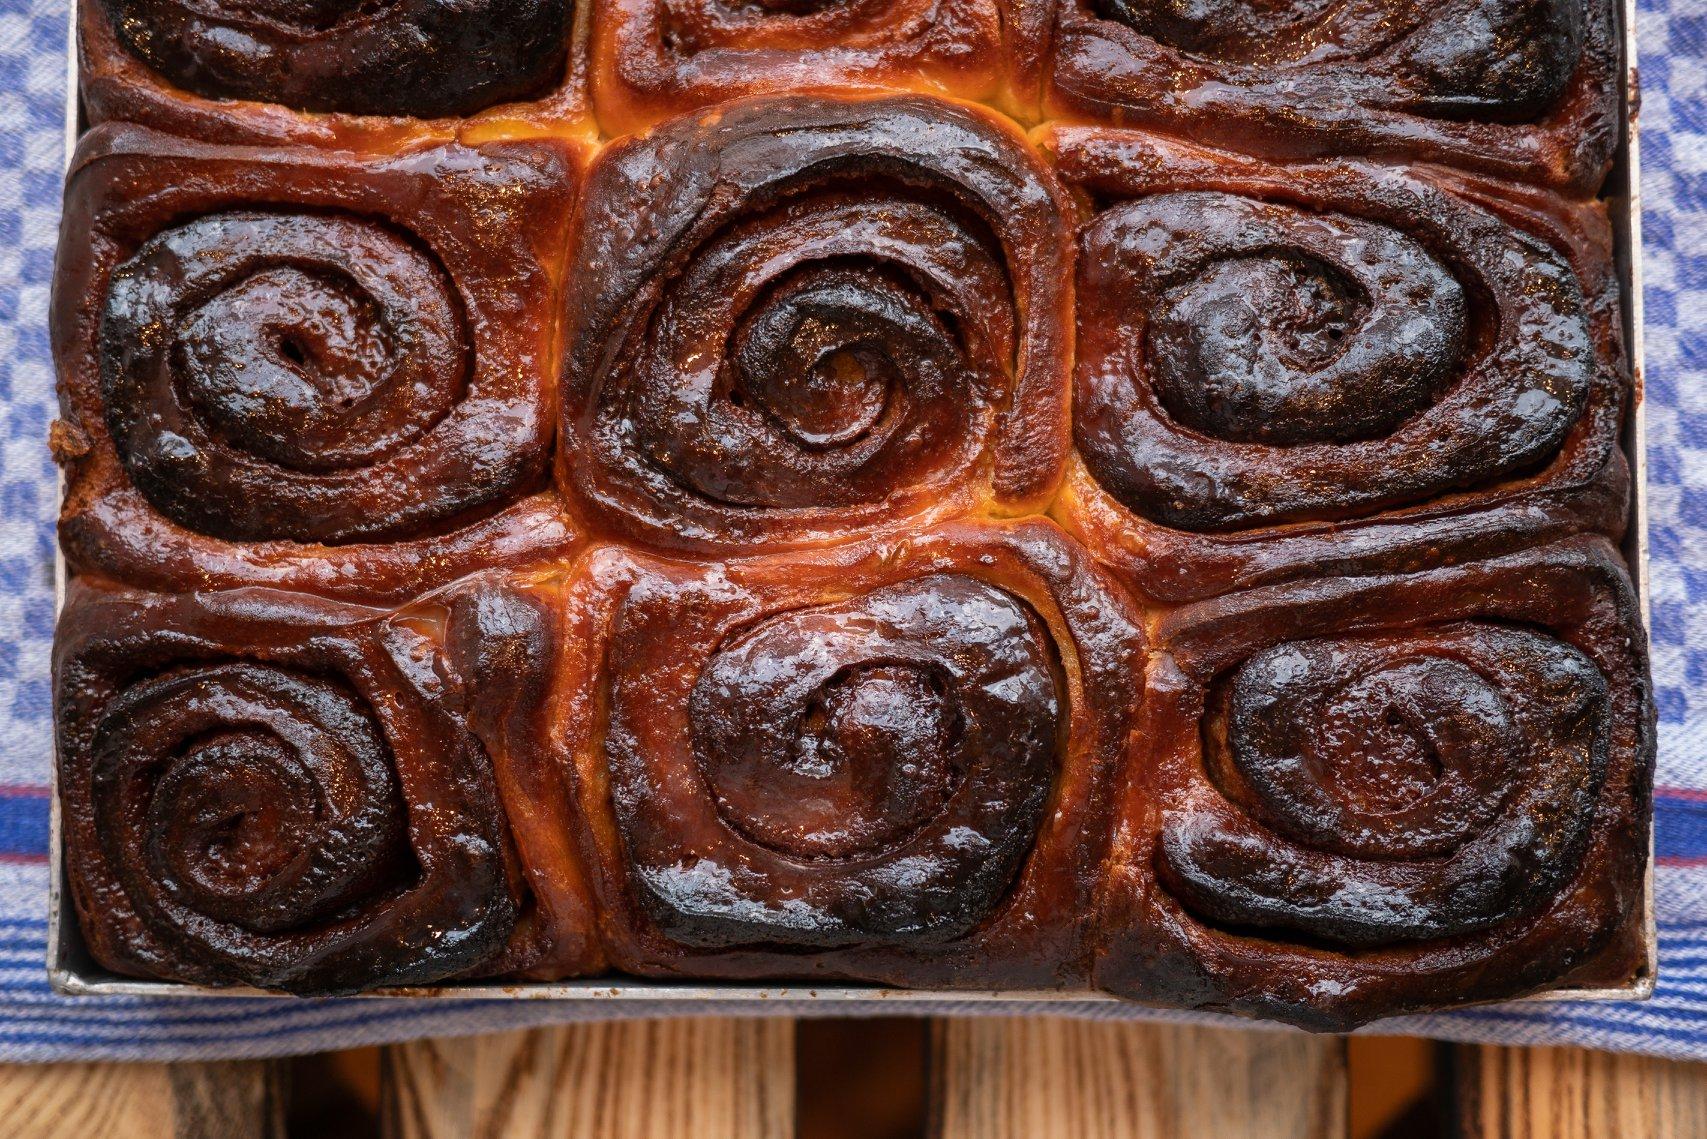 Nicht nur Brot: auch süße Köstlichkeiten wie Zimtschnecken und Dampfnudeln kommen aus dem Ofen des Domberger Brotwerks von Florian Domberger